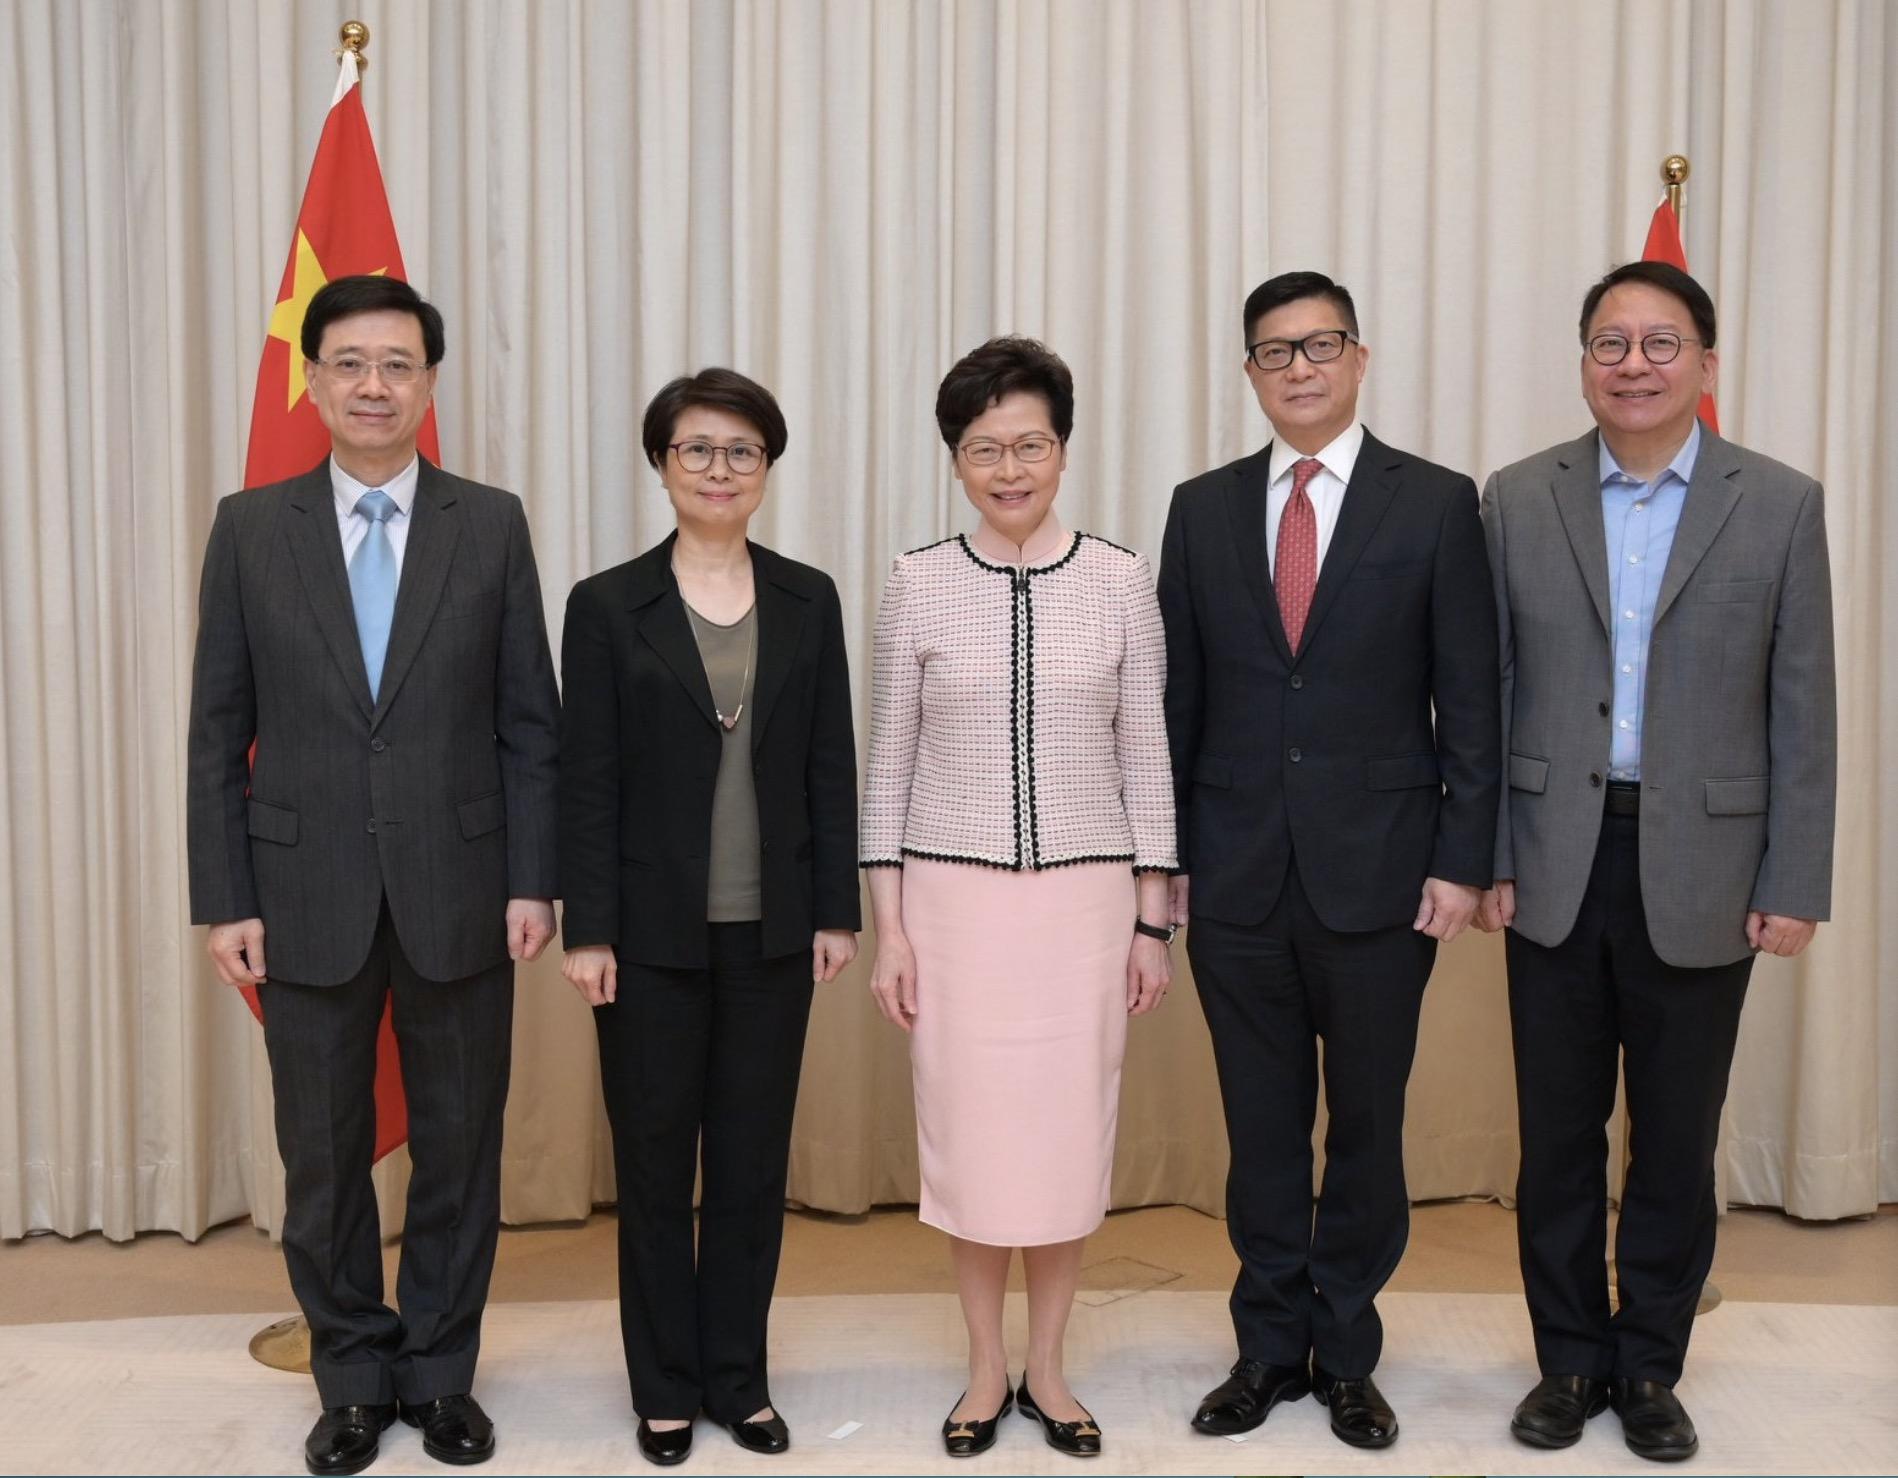 林郑月娥:维护国家安全委员会成立后 将履职尽责 捍卫国家主权图片